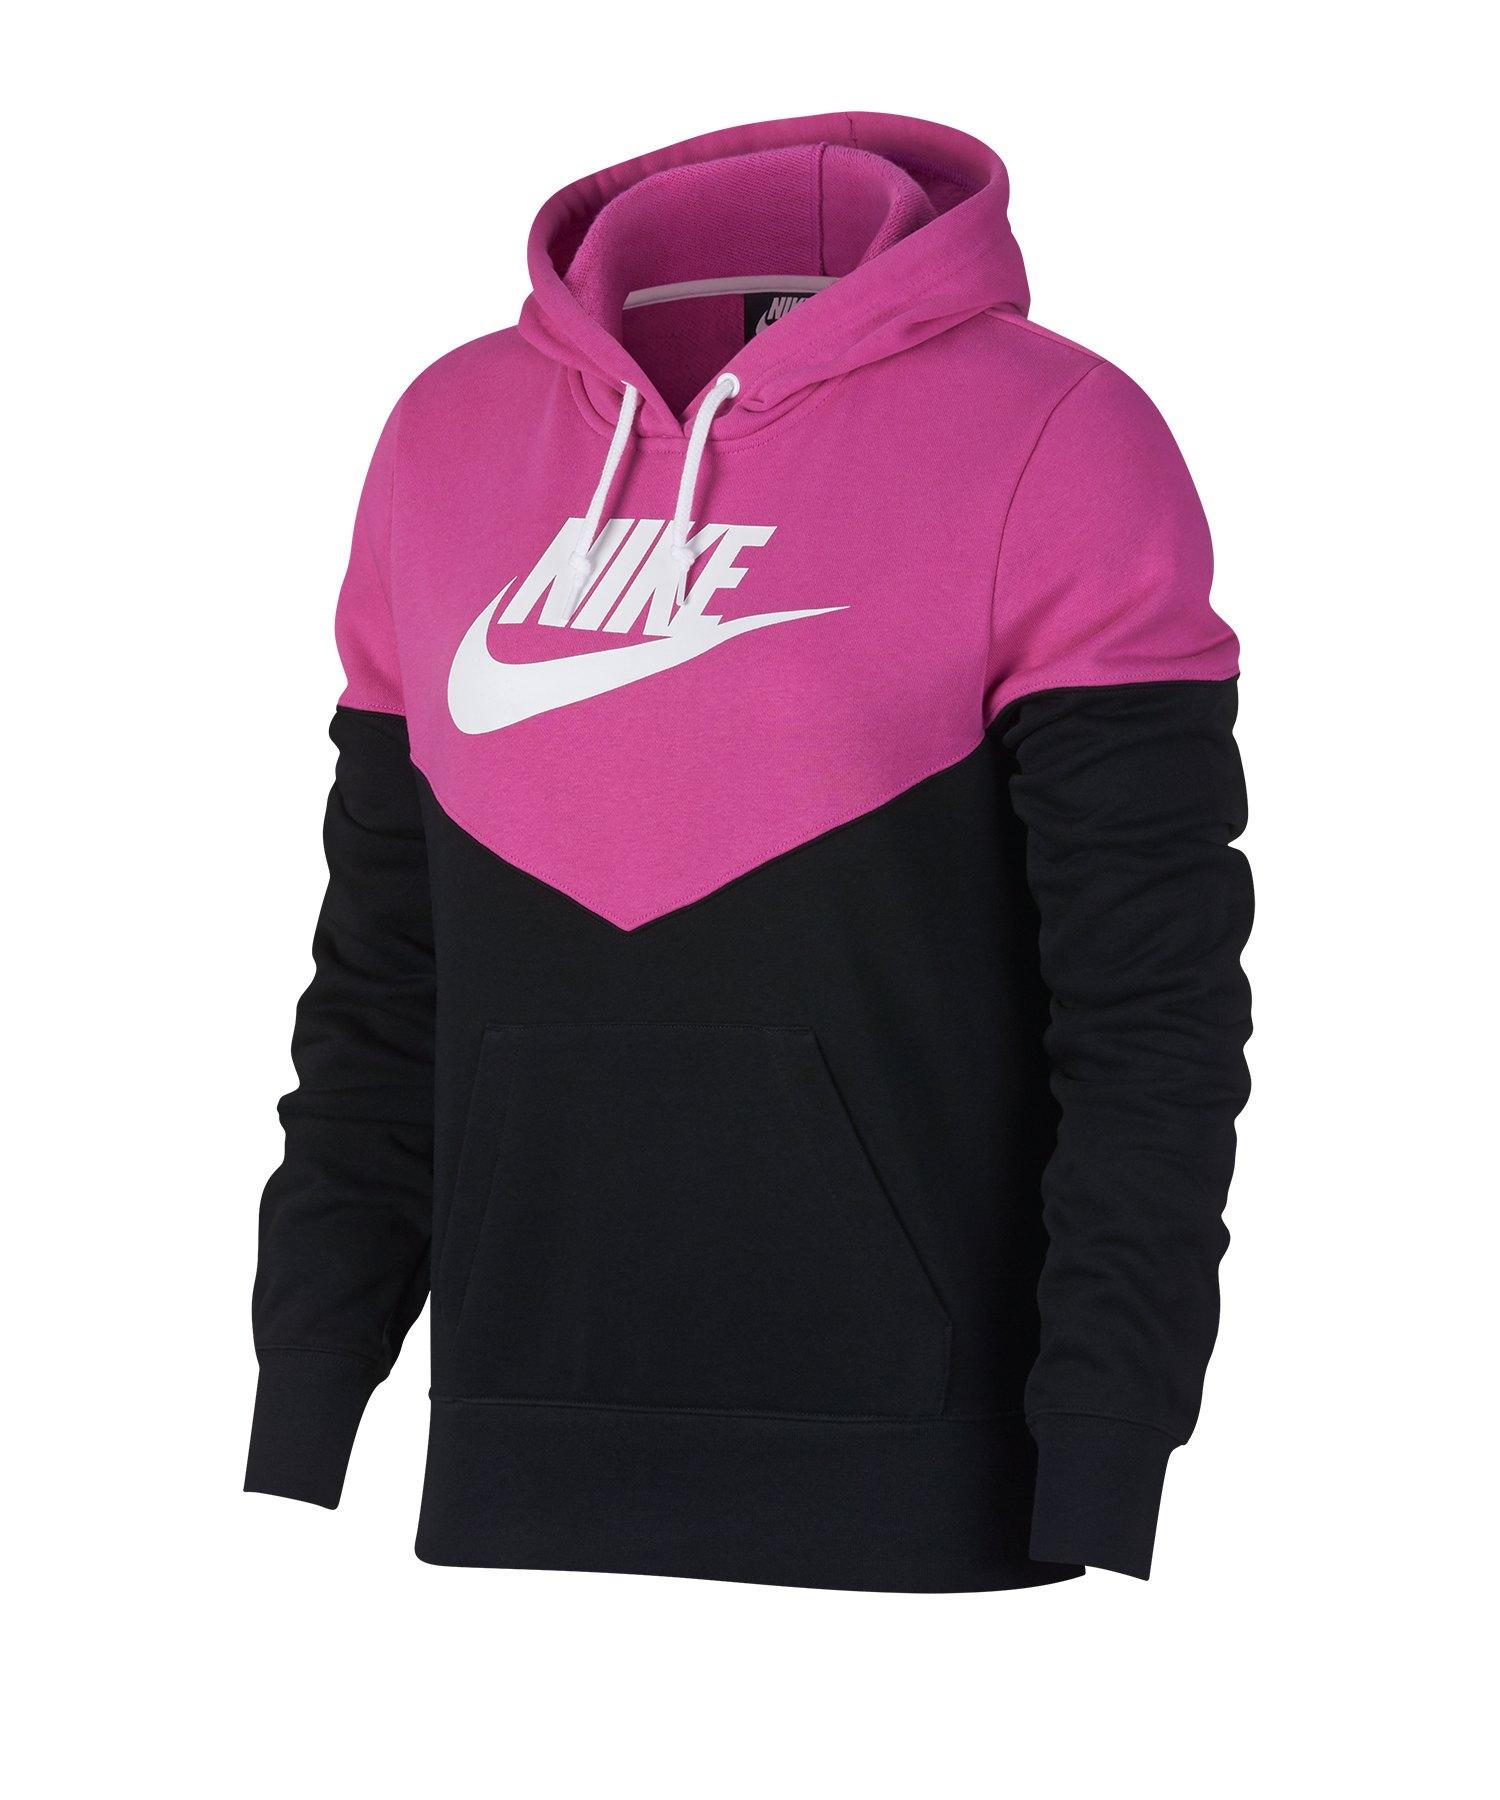 Nike Heritage Kapuzenpullover Fleece Damen F011 - Schwarz